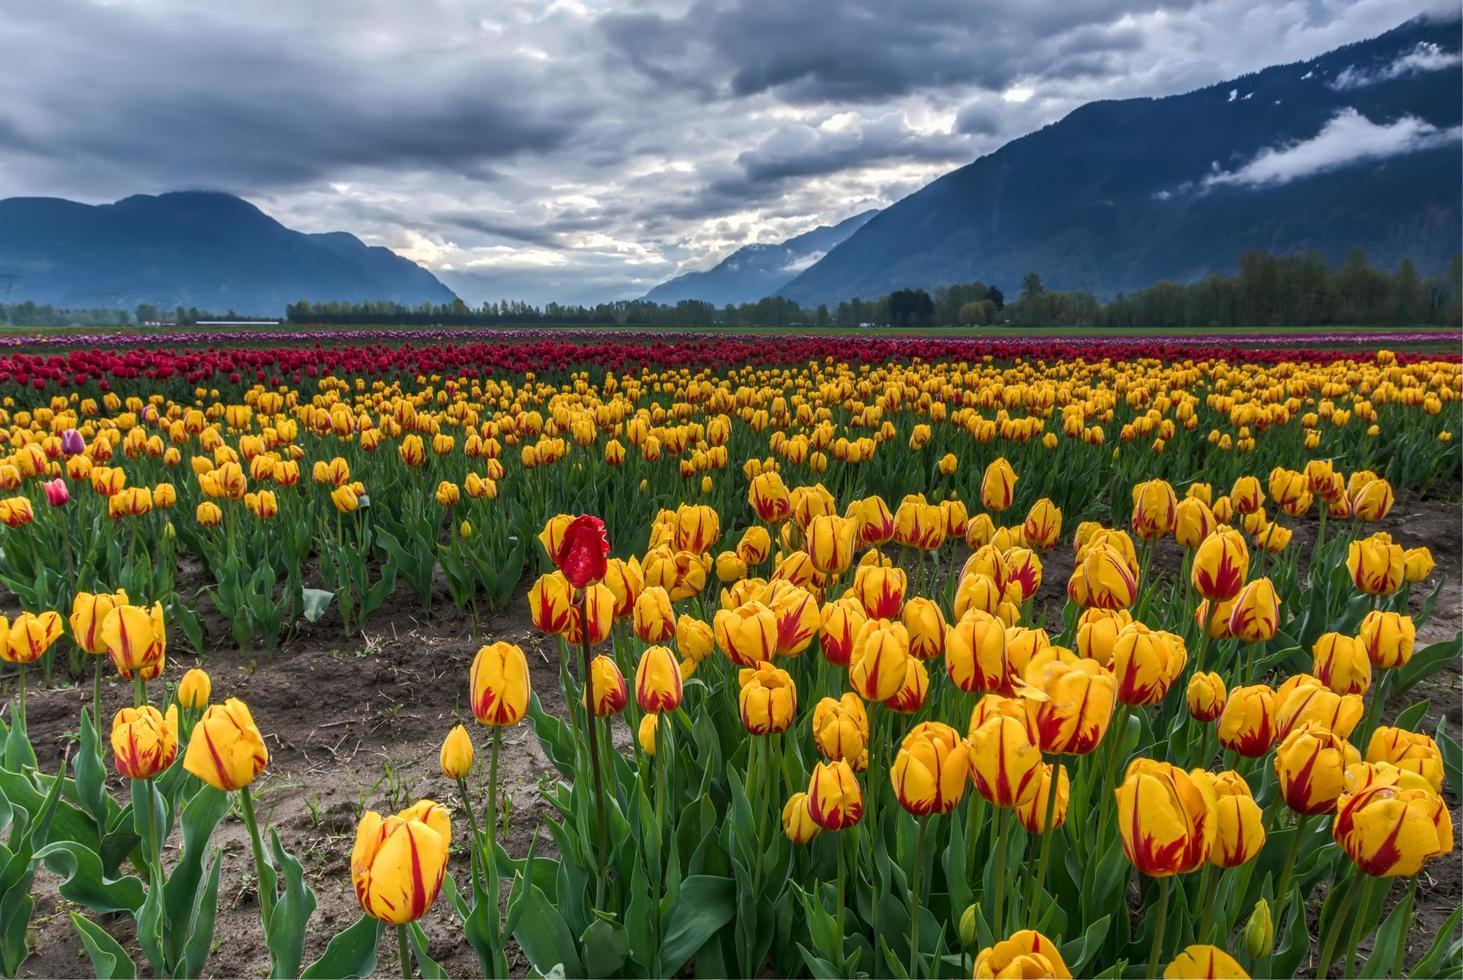 campo de tulipanes amarillos y rojos foto